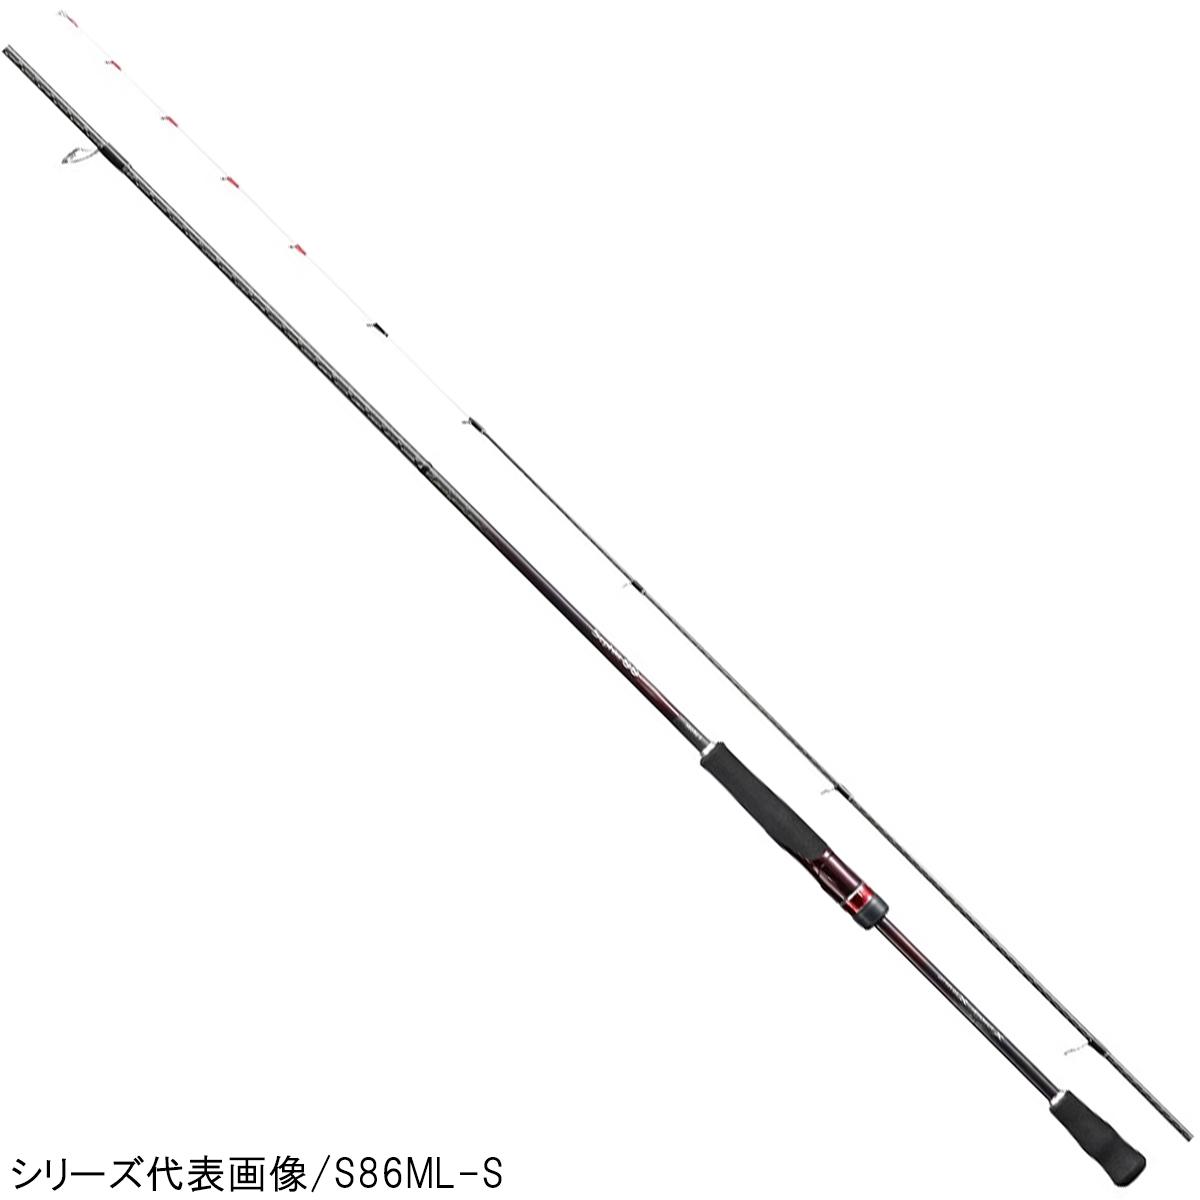 シマノ セフィア SS S76ML-S